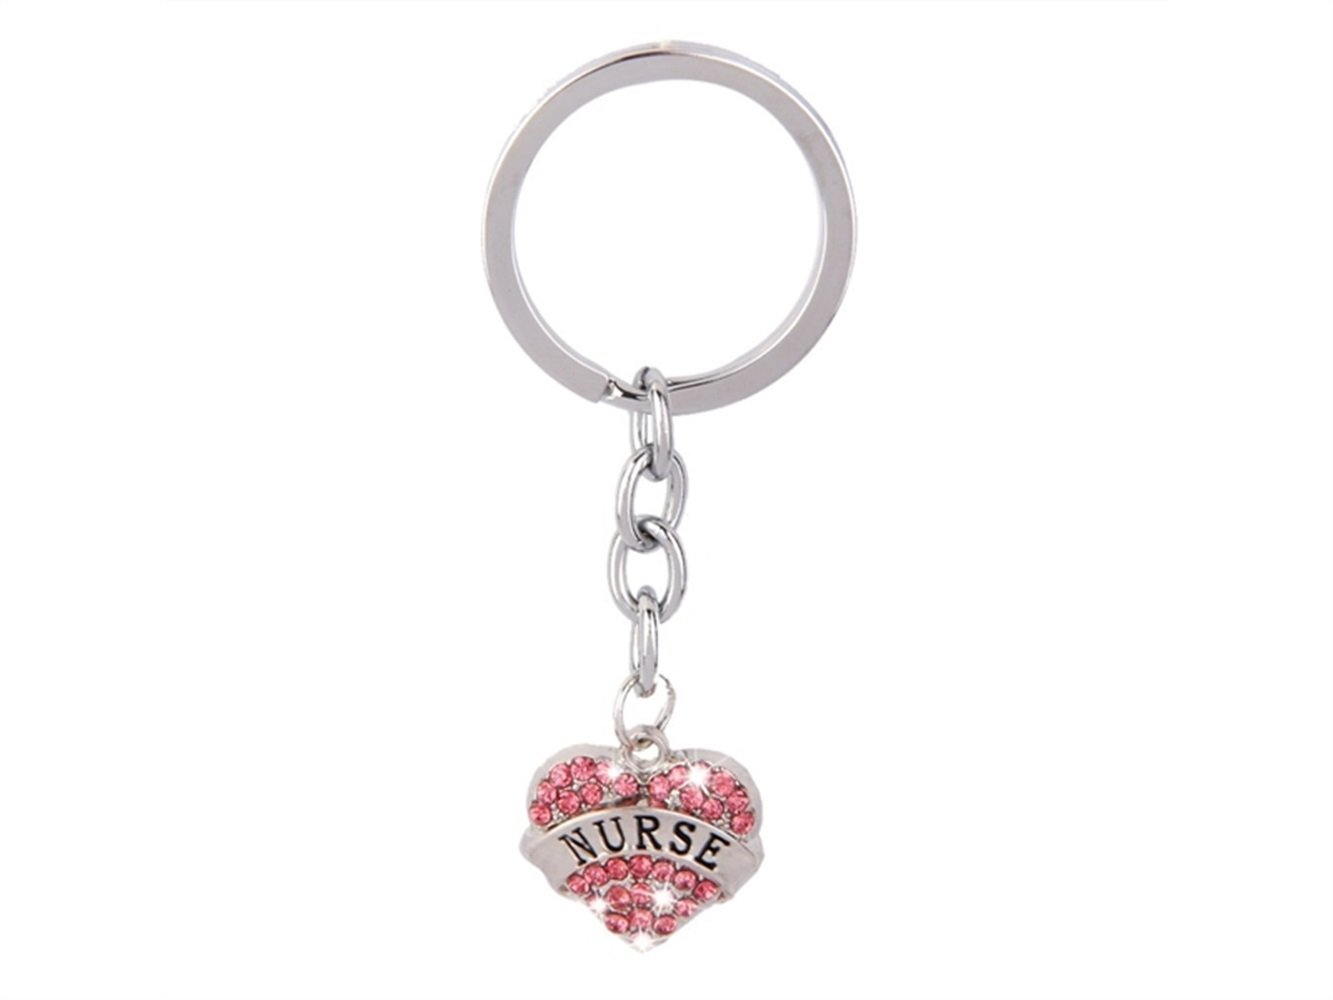 Flowerrs Utile Rosa strass cuore ciondolo portachiavi portachiavi portachiavi regalo infermiera Gadget per la casa